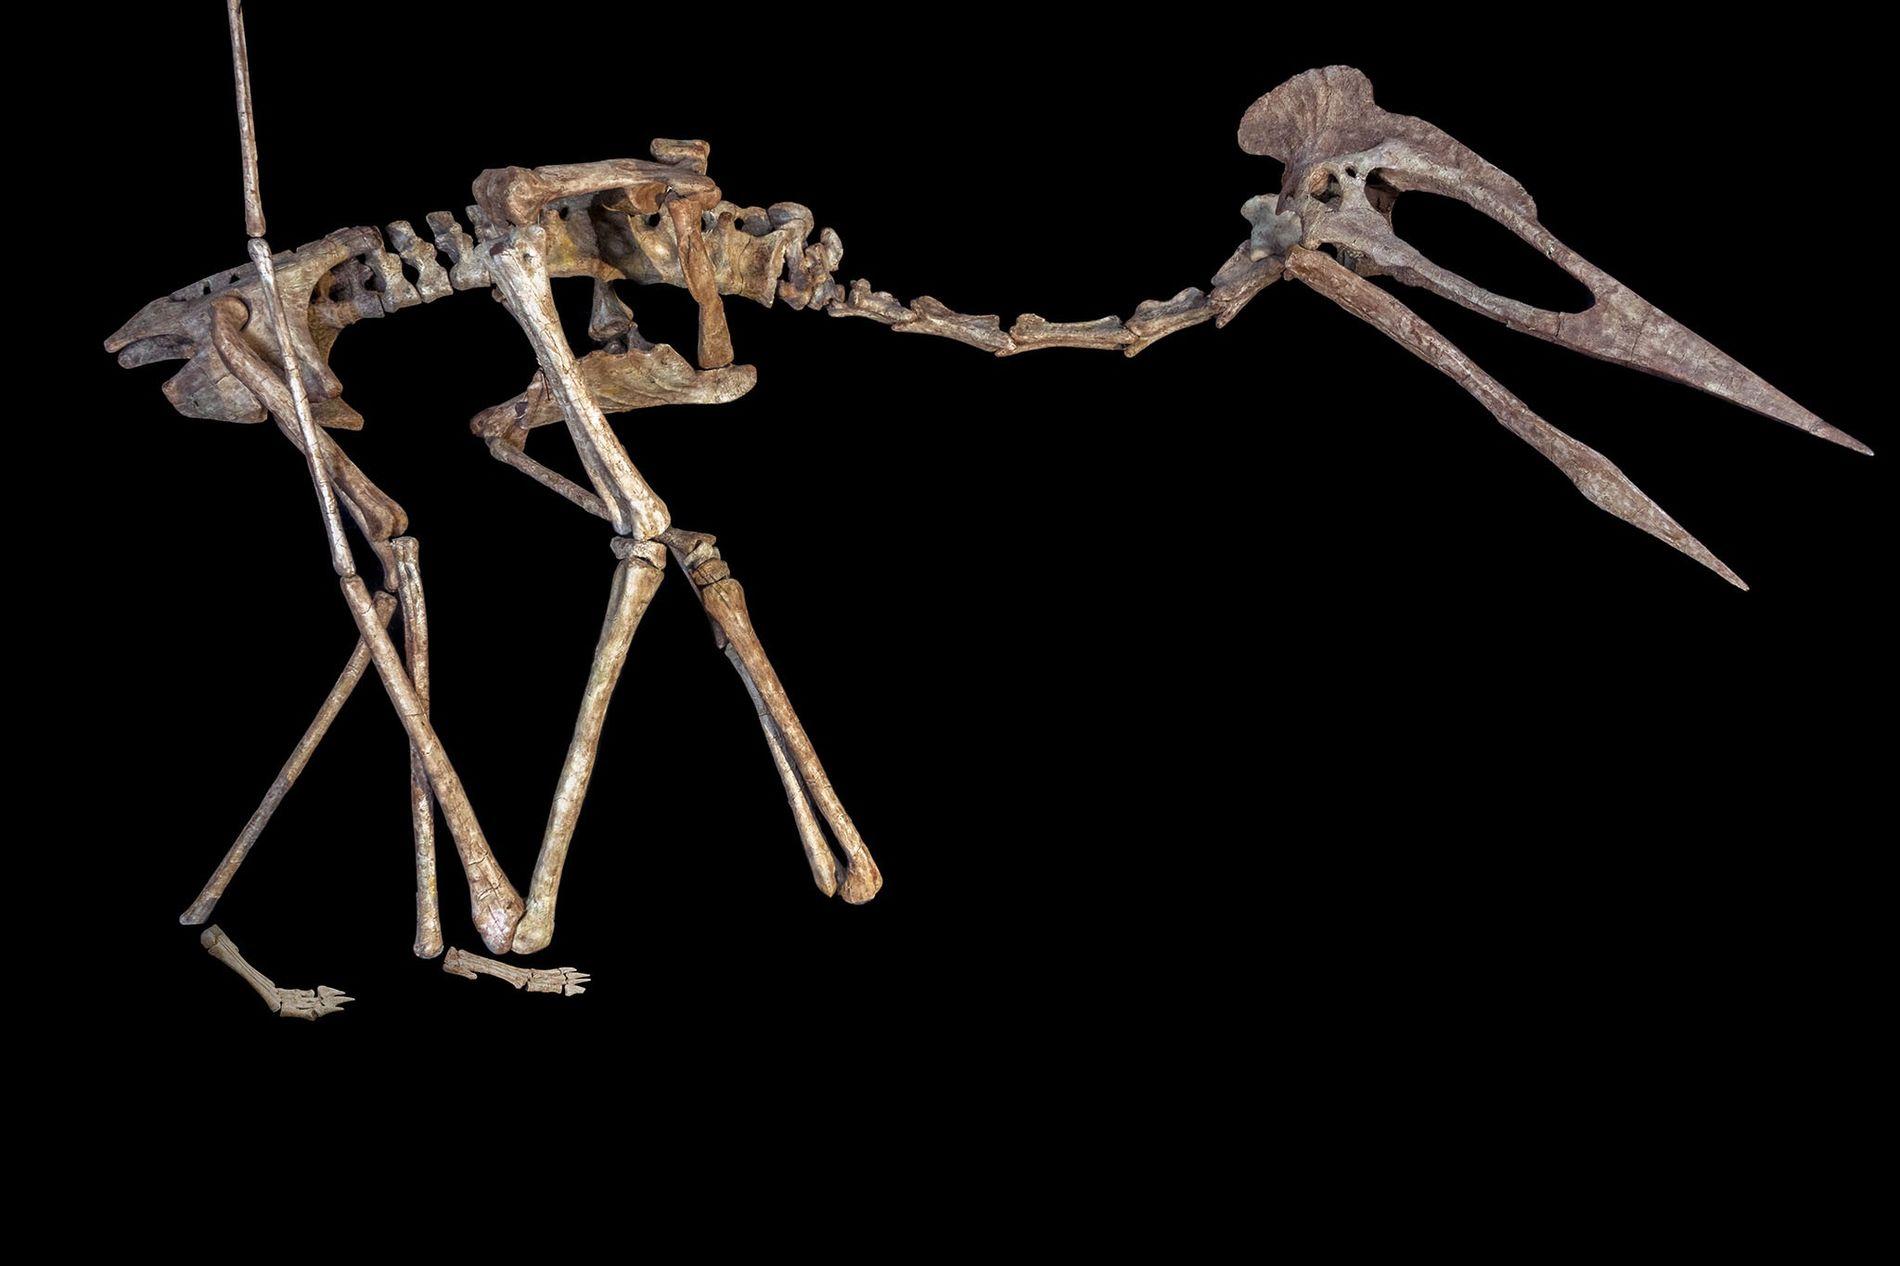 Reconstituição do esqueleto de um réptil voador conhecido como Drácula, um pterossauro Azhdarchidae gigante encontrado na ...